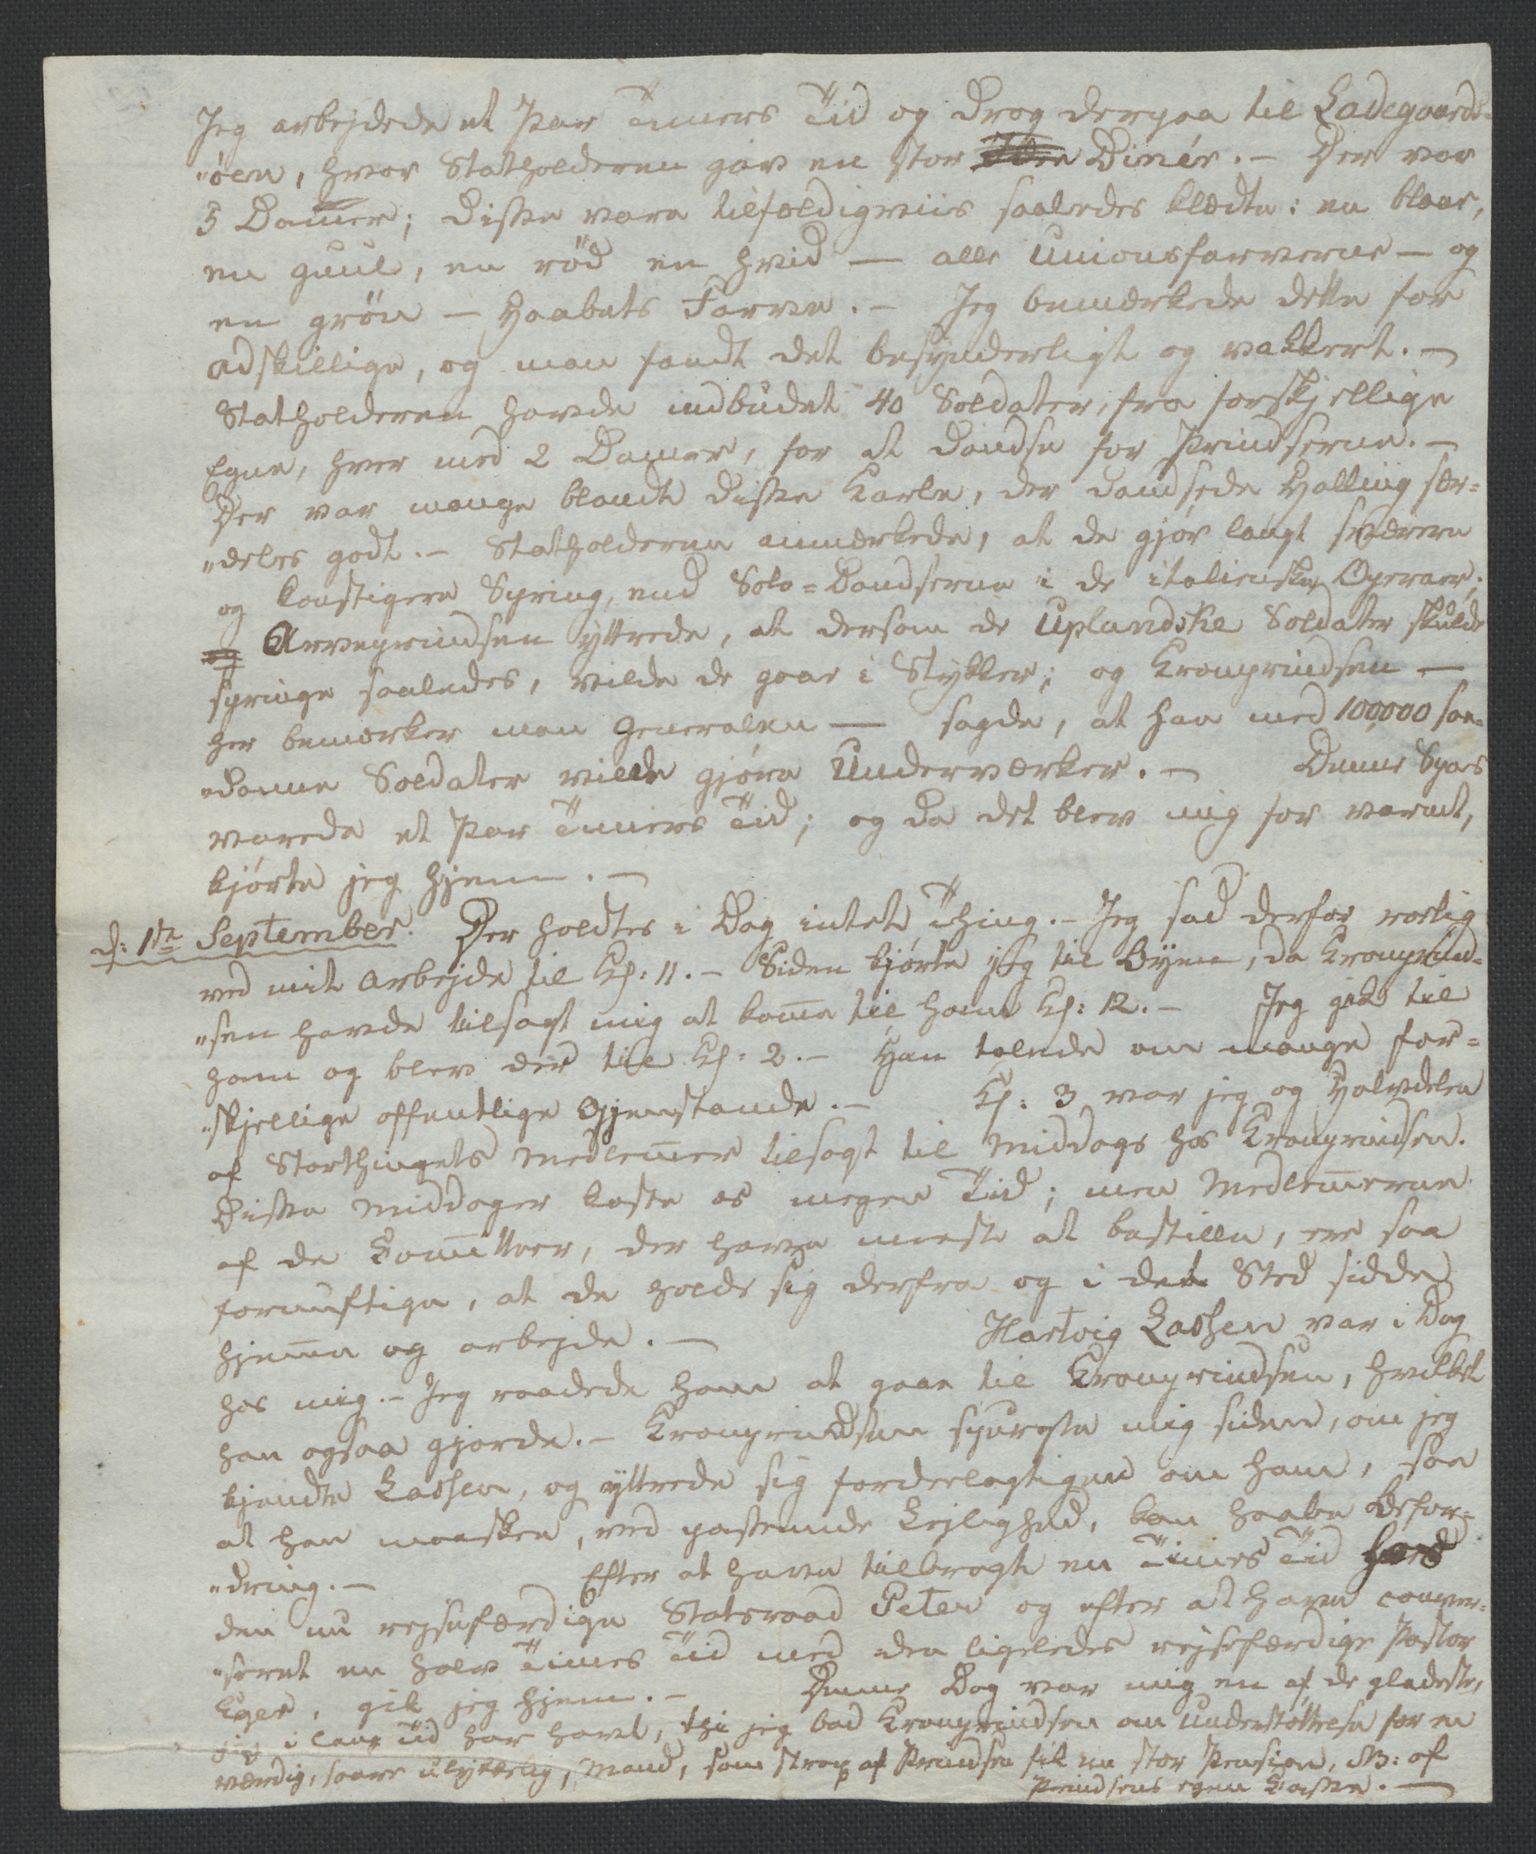 RA, Christie, Wilhelm Frimann Koren, F/L0005, 1815-1816, s. 74